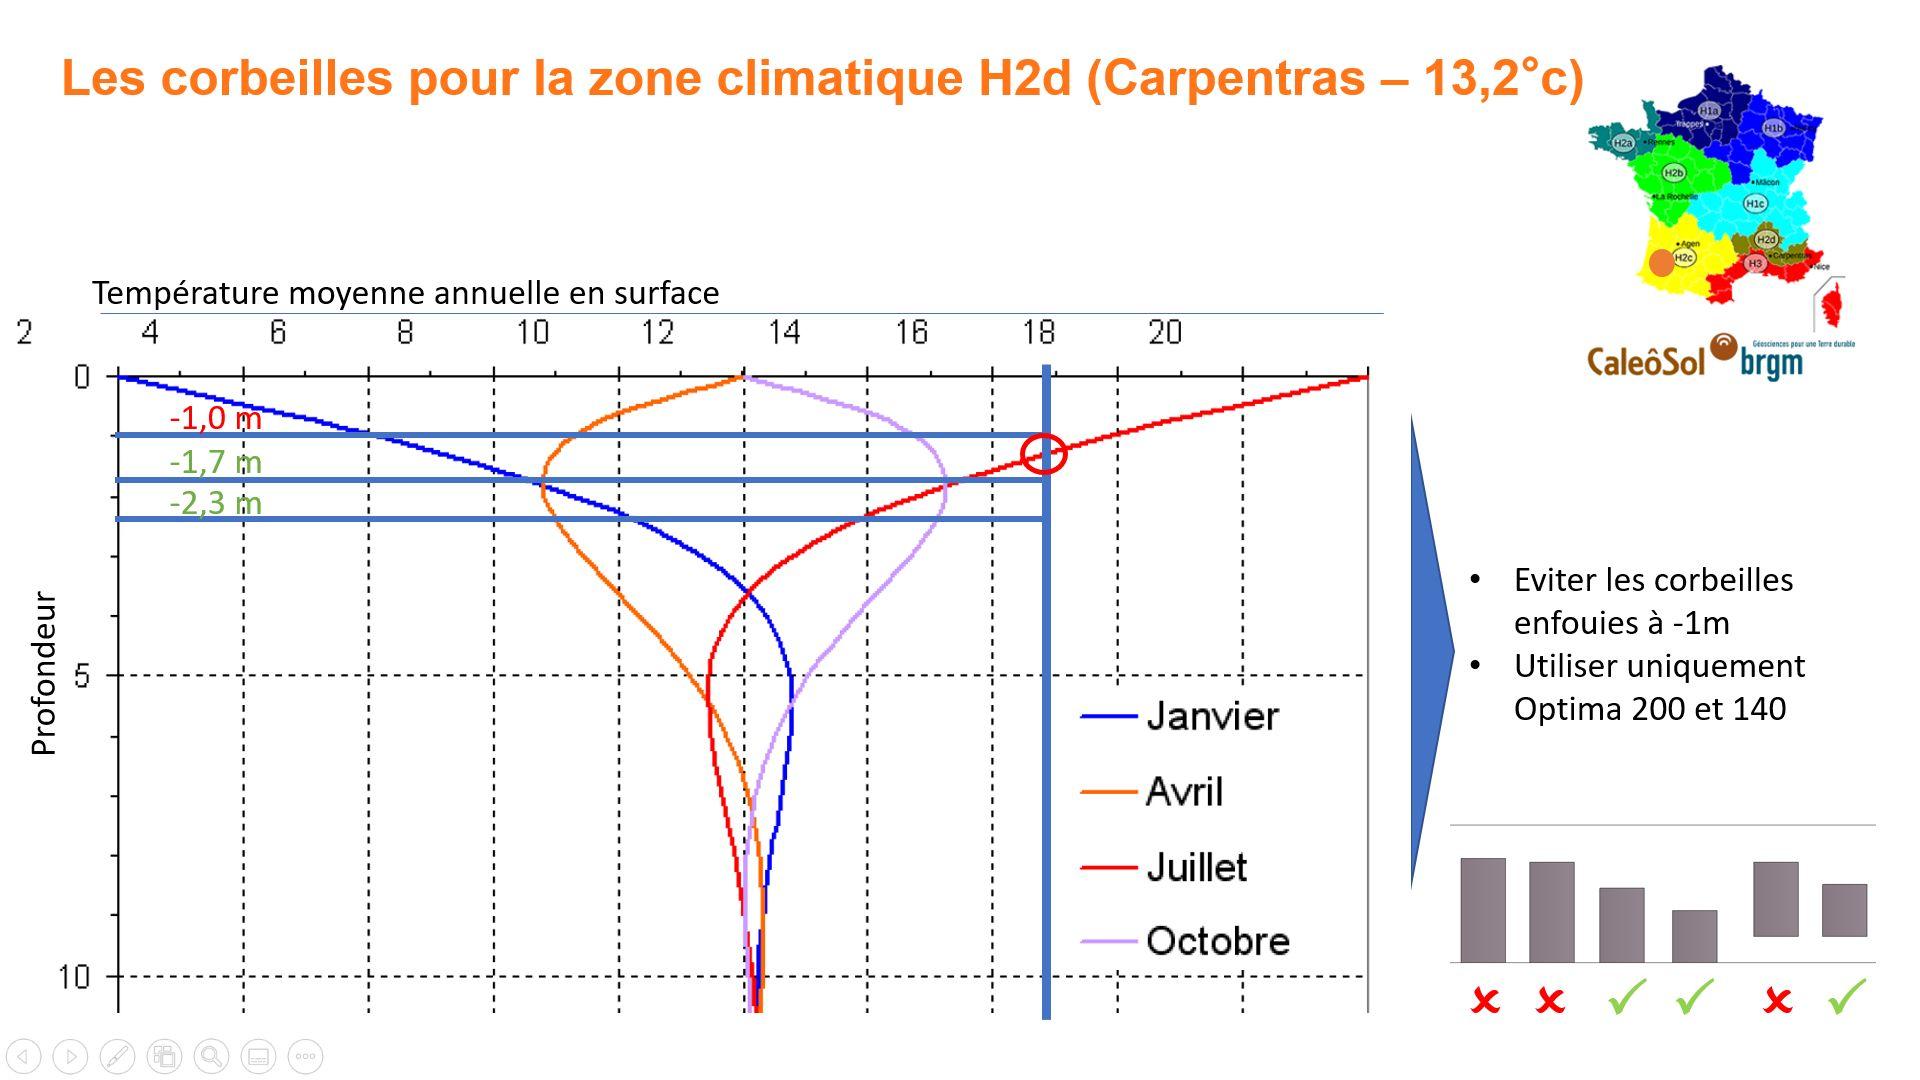 Corbeille géothermique en zone H2d